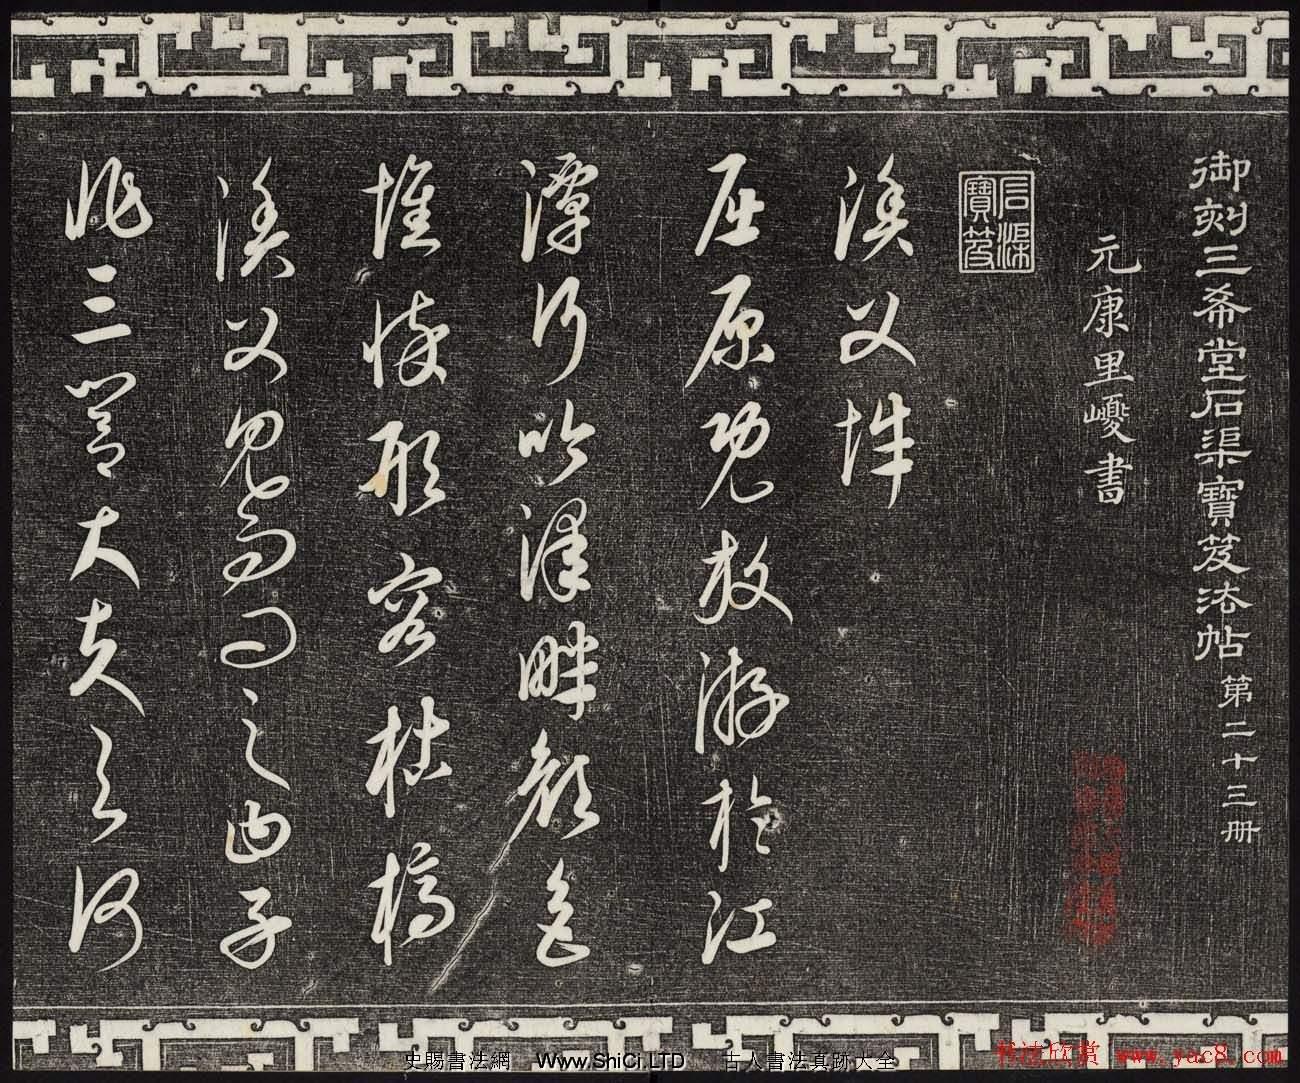 御刻三希堂石渠寶笈法帖第二十三冊元代書家名帖(共32張圖片)